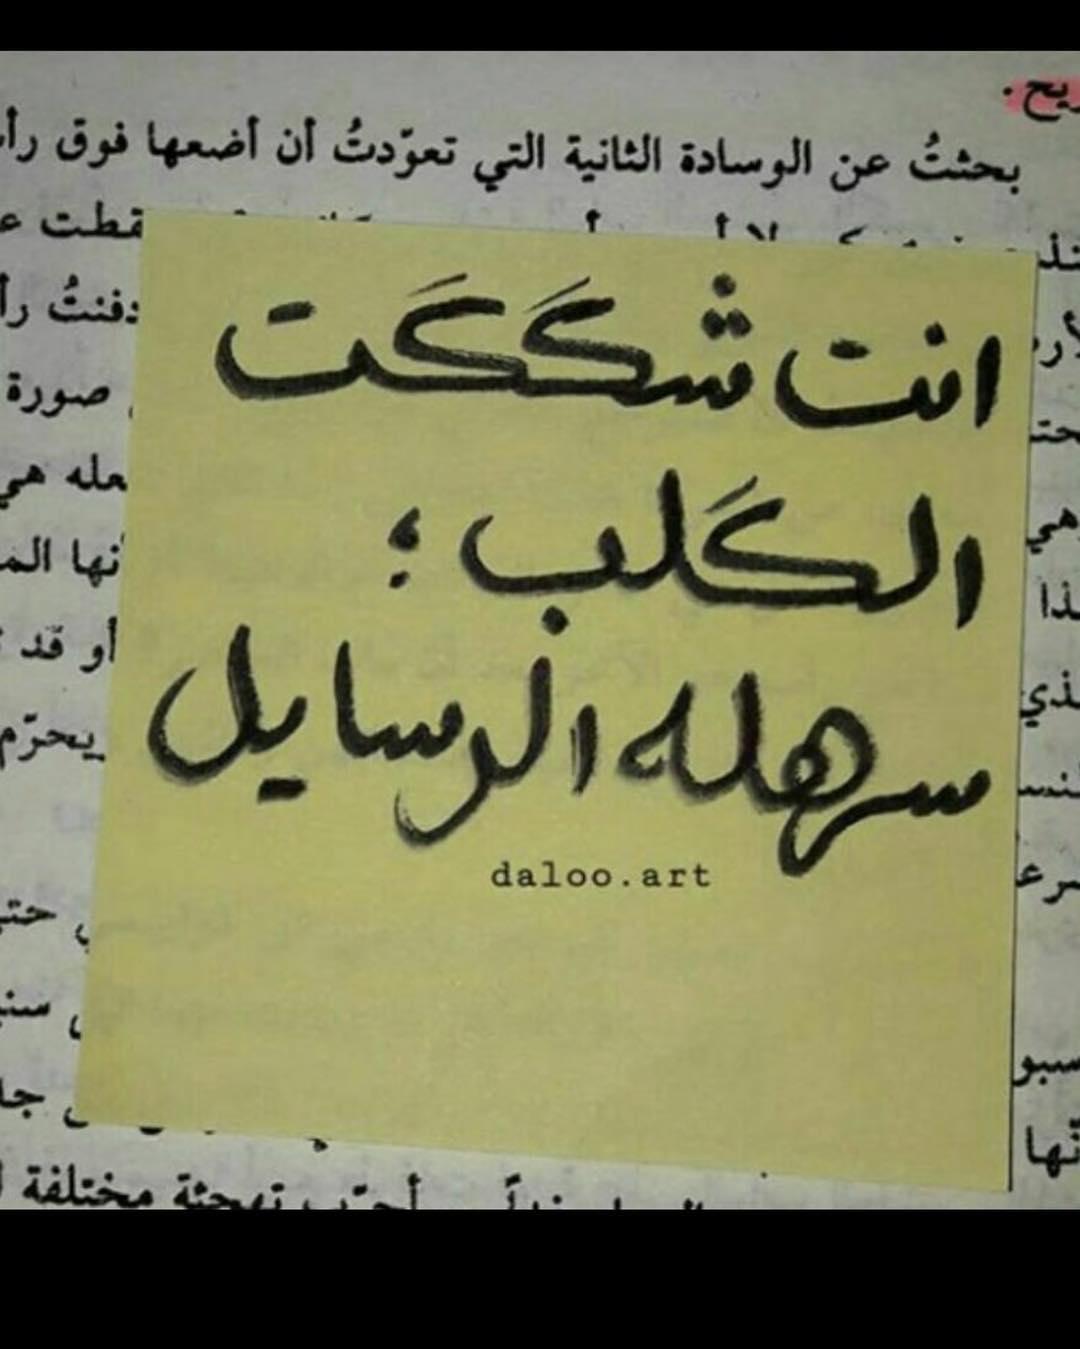 بالصور شعر حب عراقي , اجمل الاشعار العراقية المكتوبة 2019 3535 9